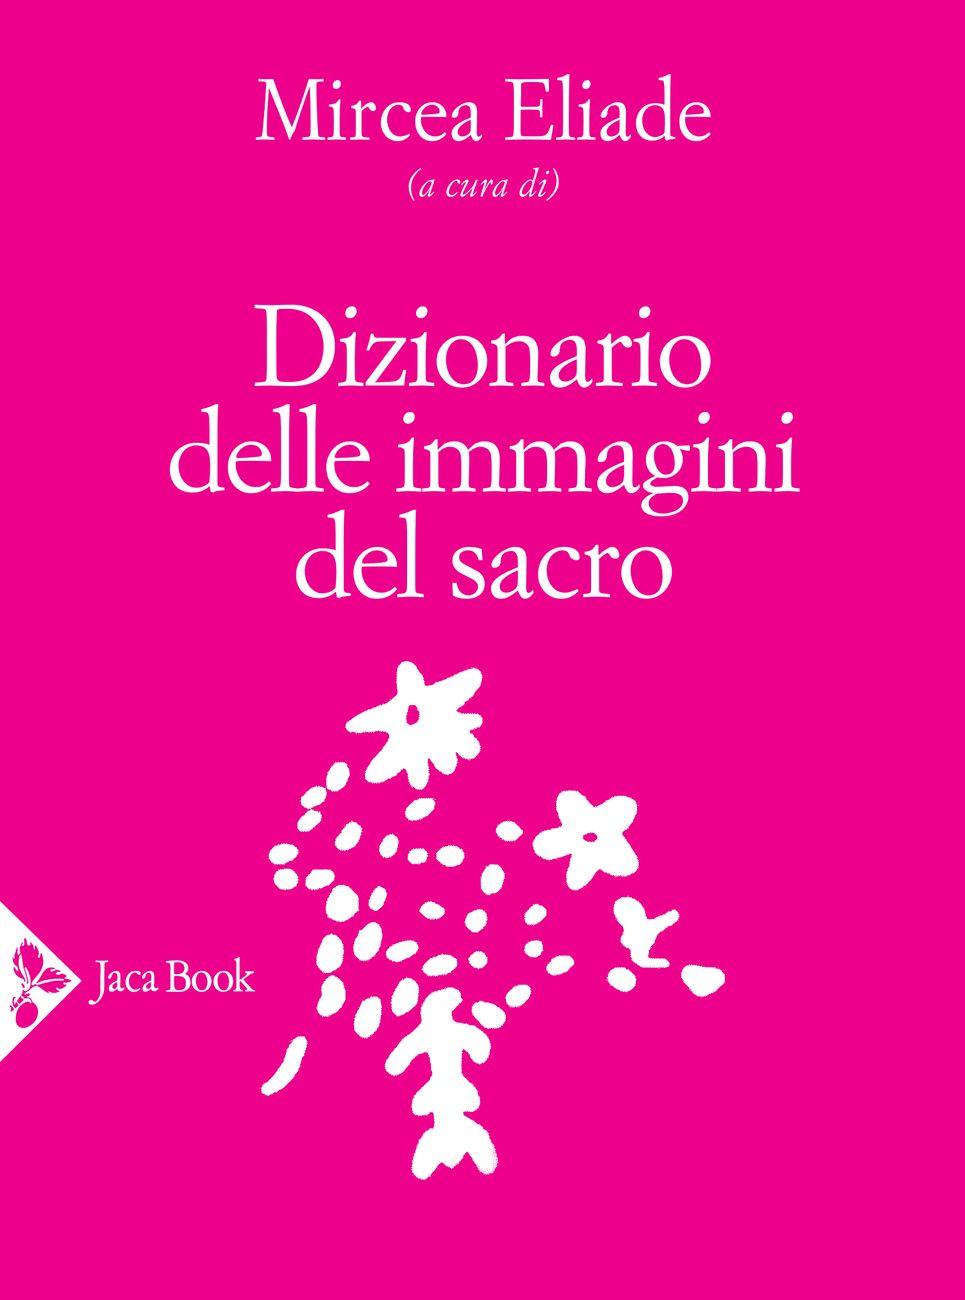 Mircea Eliade (a cura di) – Dizionario delle immagini del sacro (Jaca Book, Milano 2020)